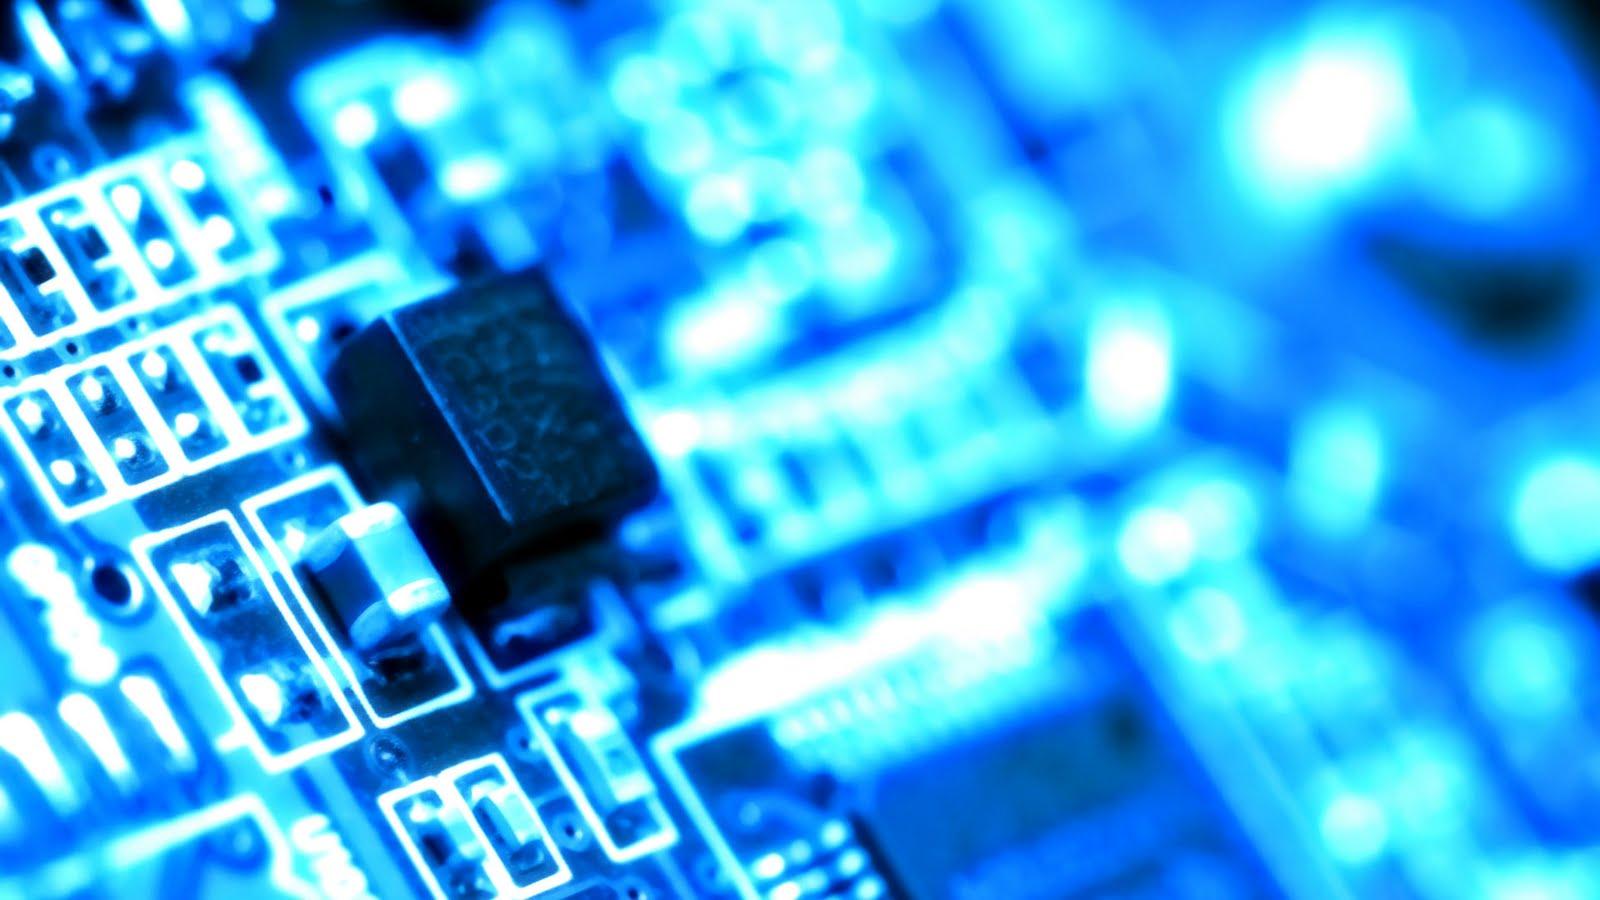 Transistors and Circuits HD Wallpaper